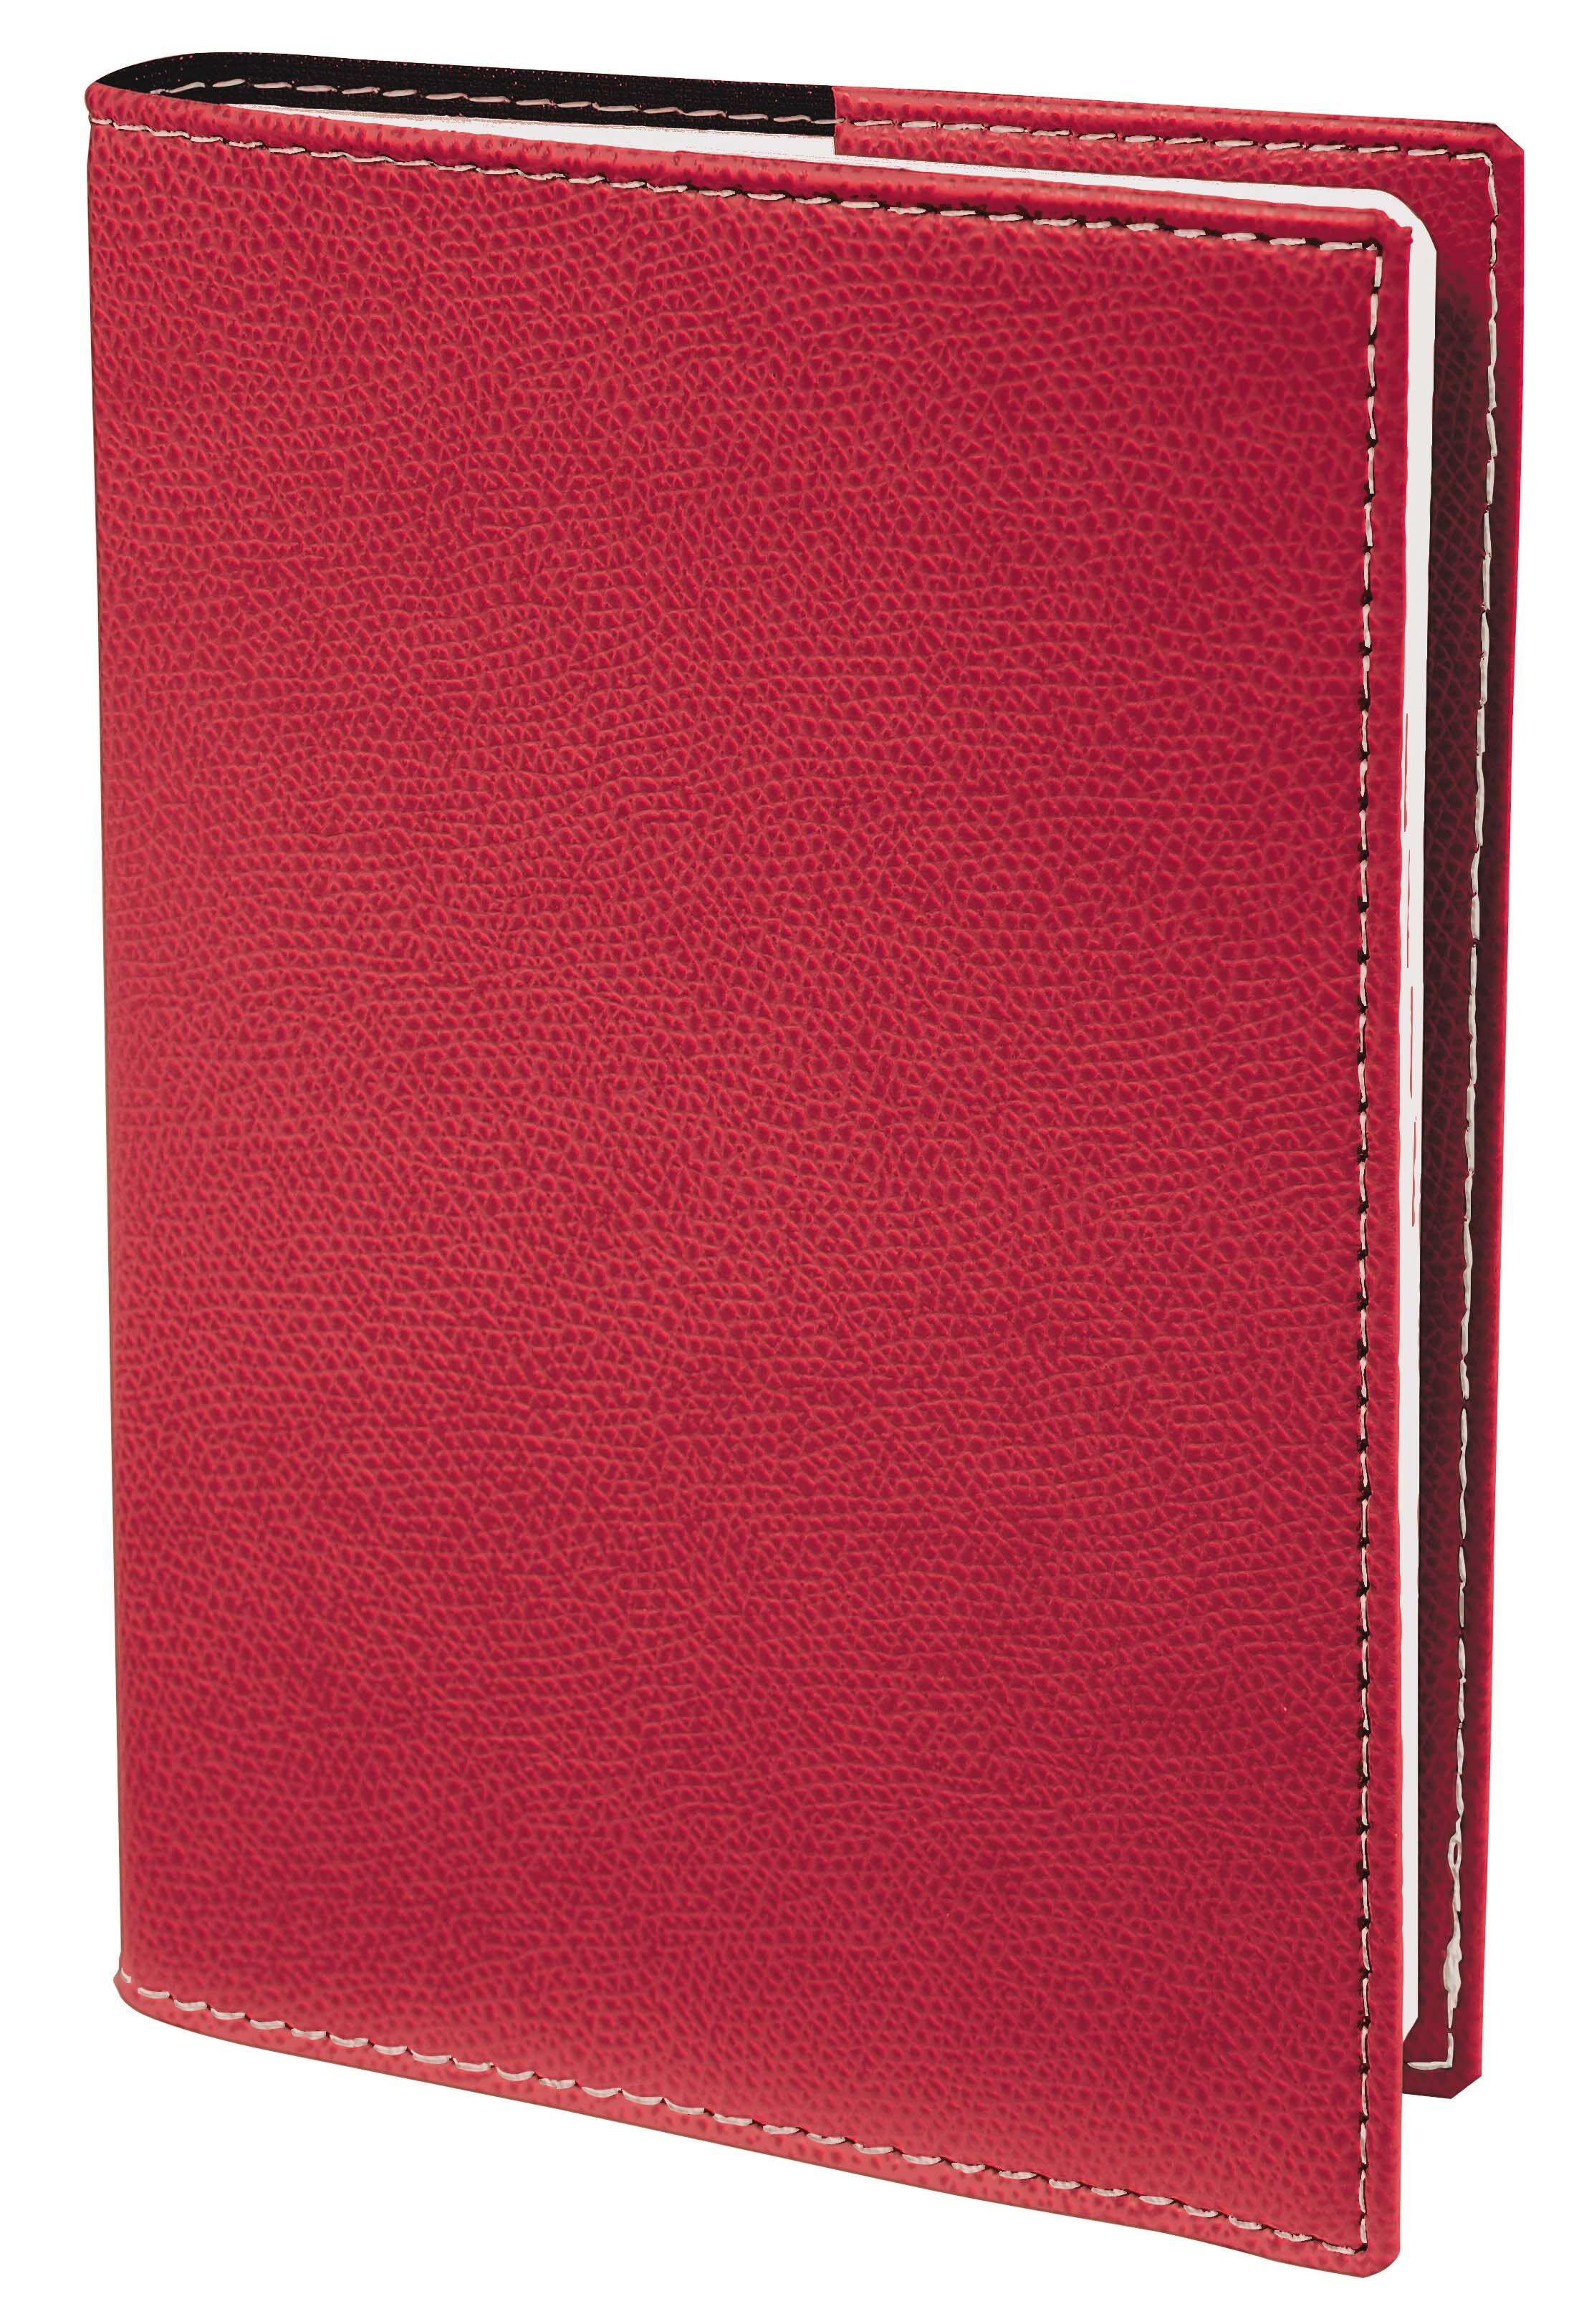 Agenda Club Universitaire - 1 semaine sur 2 pages - 10 x 15 cm - rouge - Quo Vadis